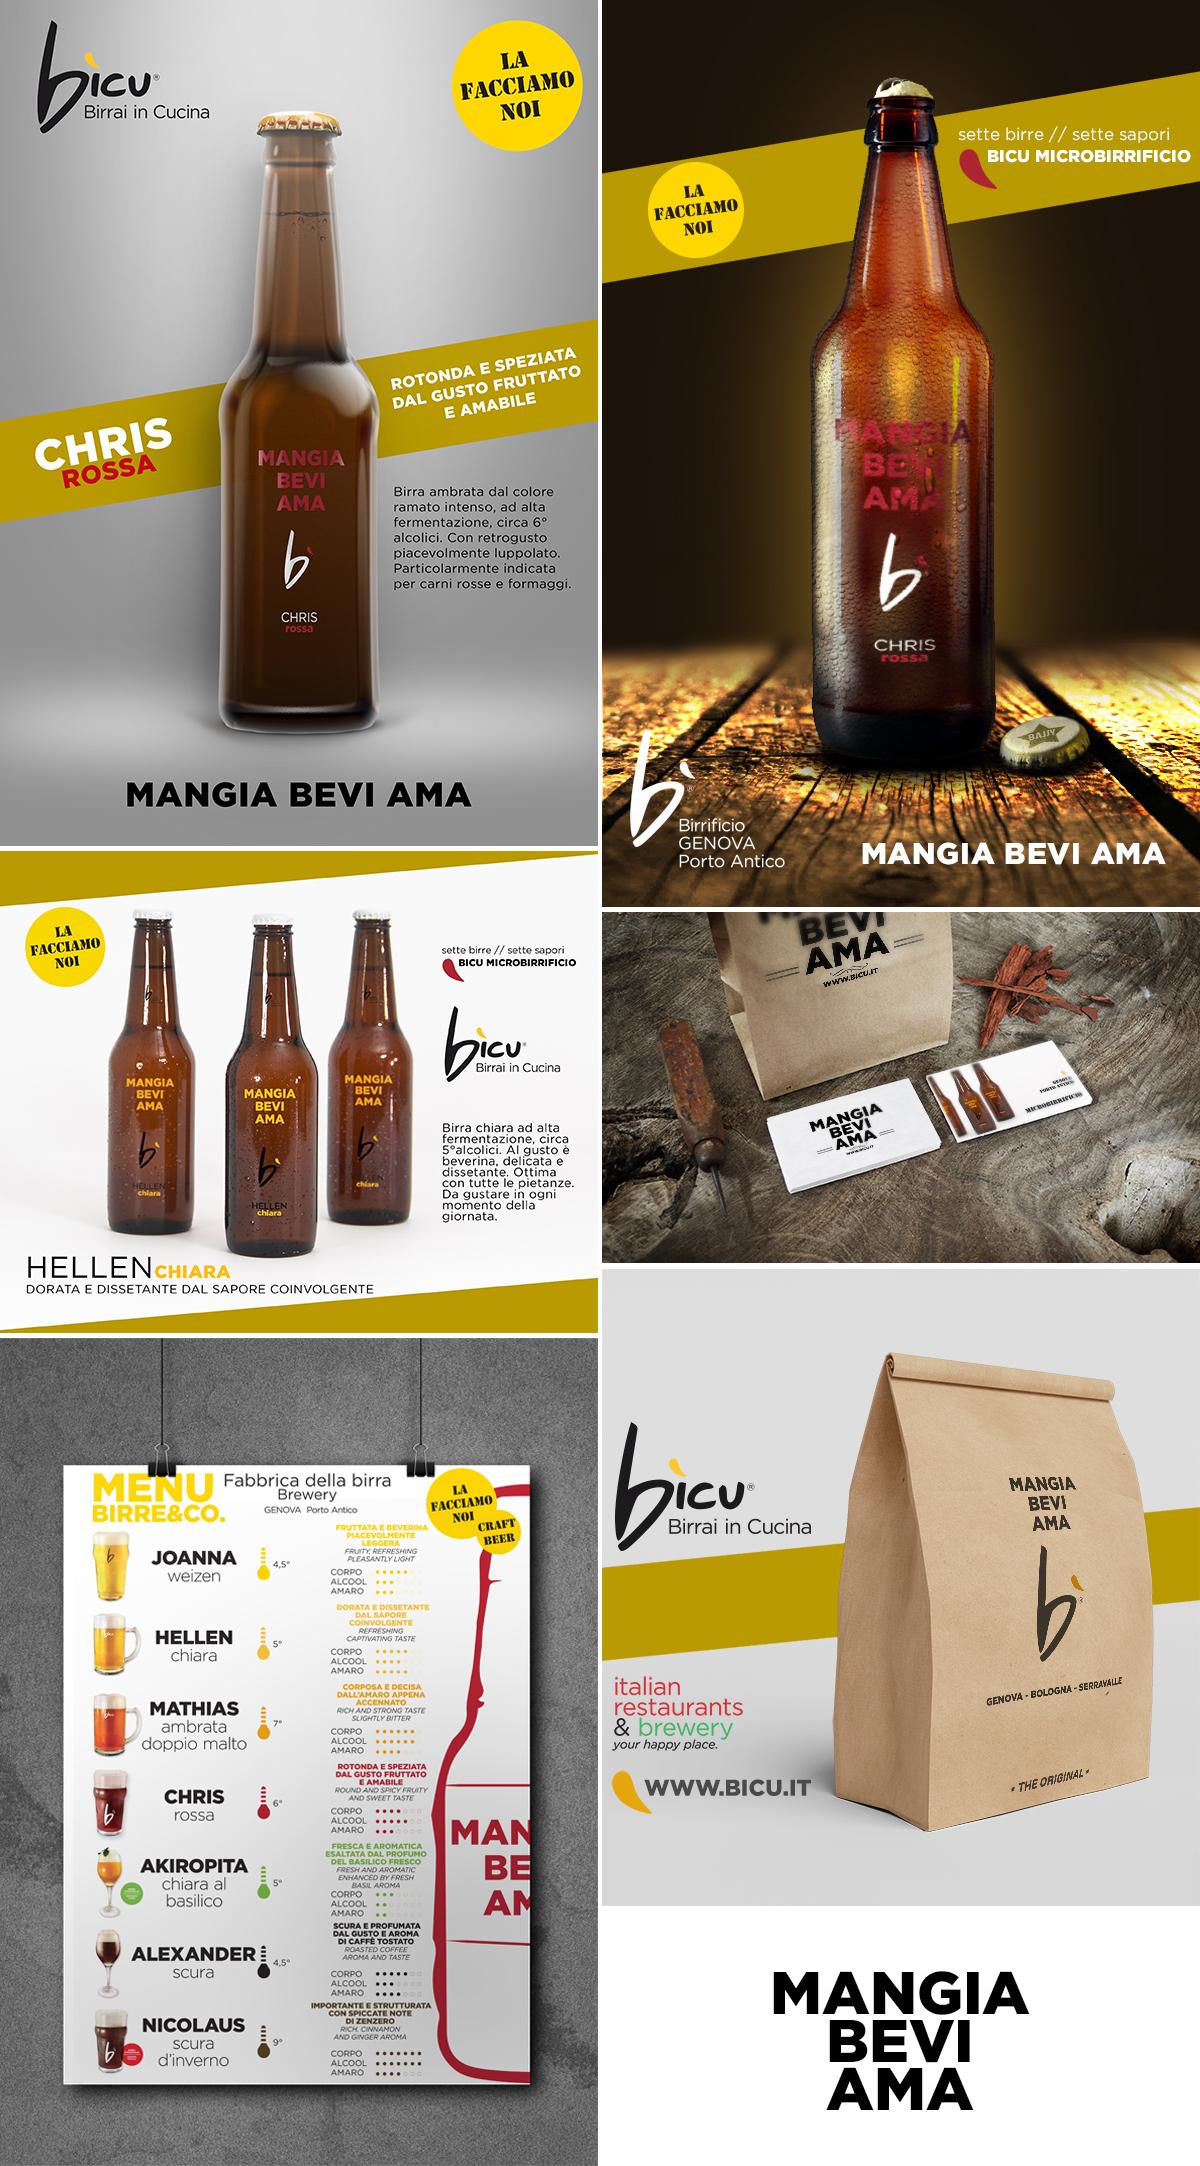 bicu-brewery